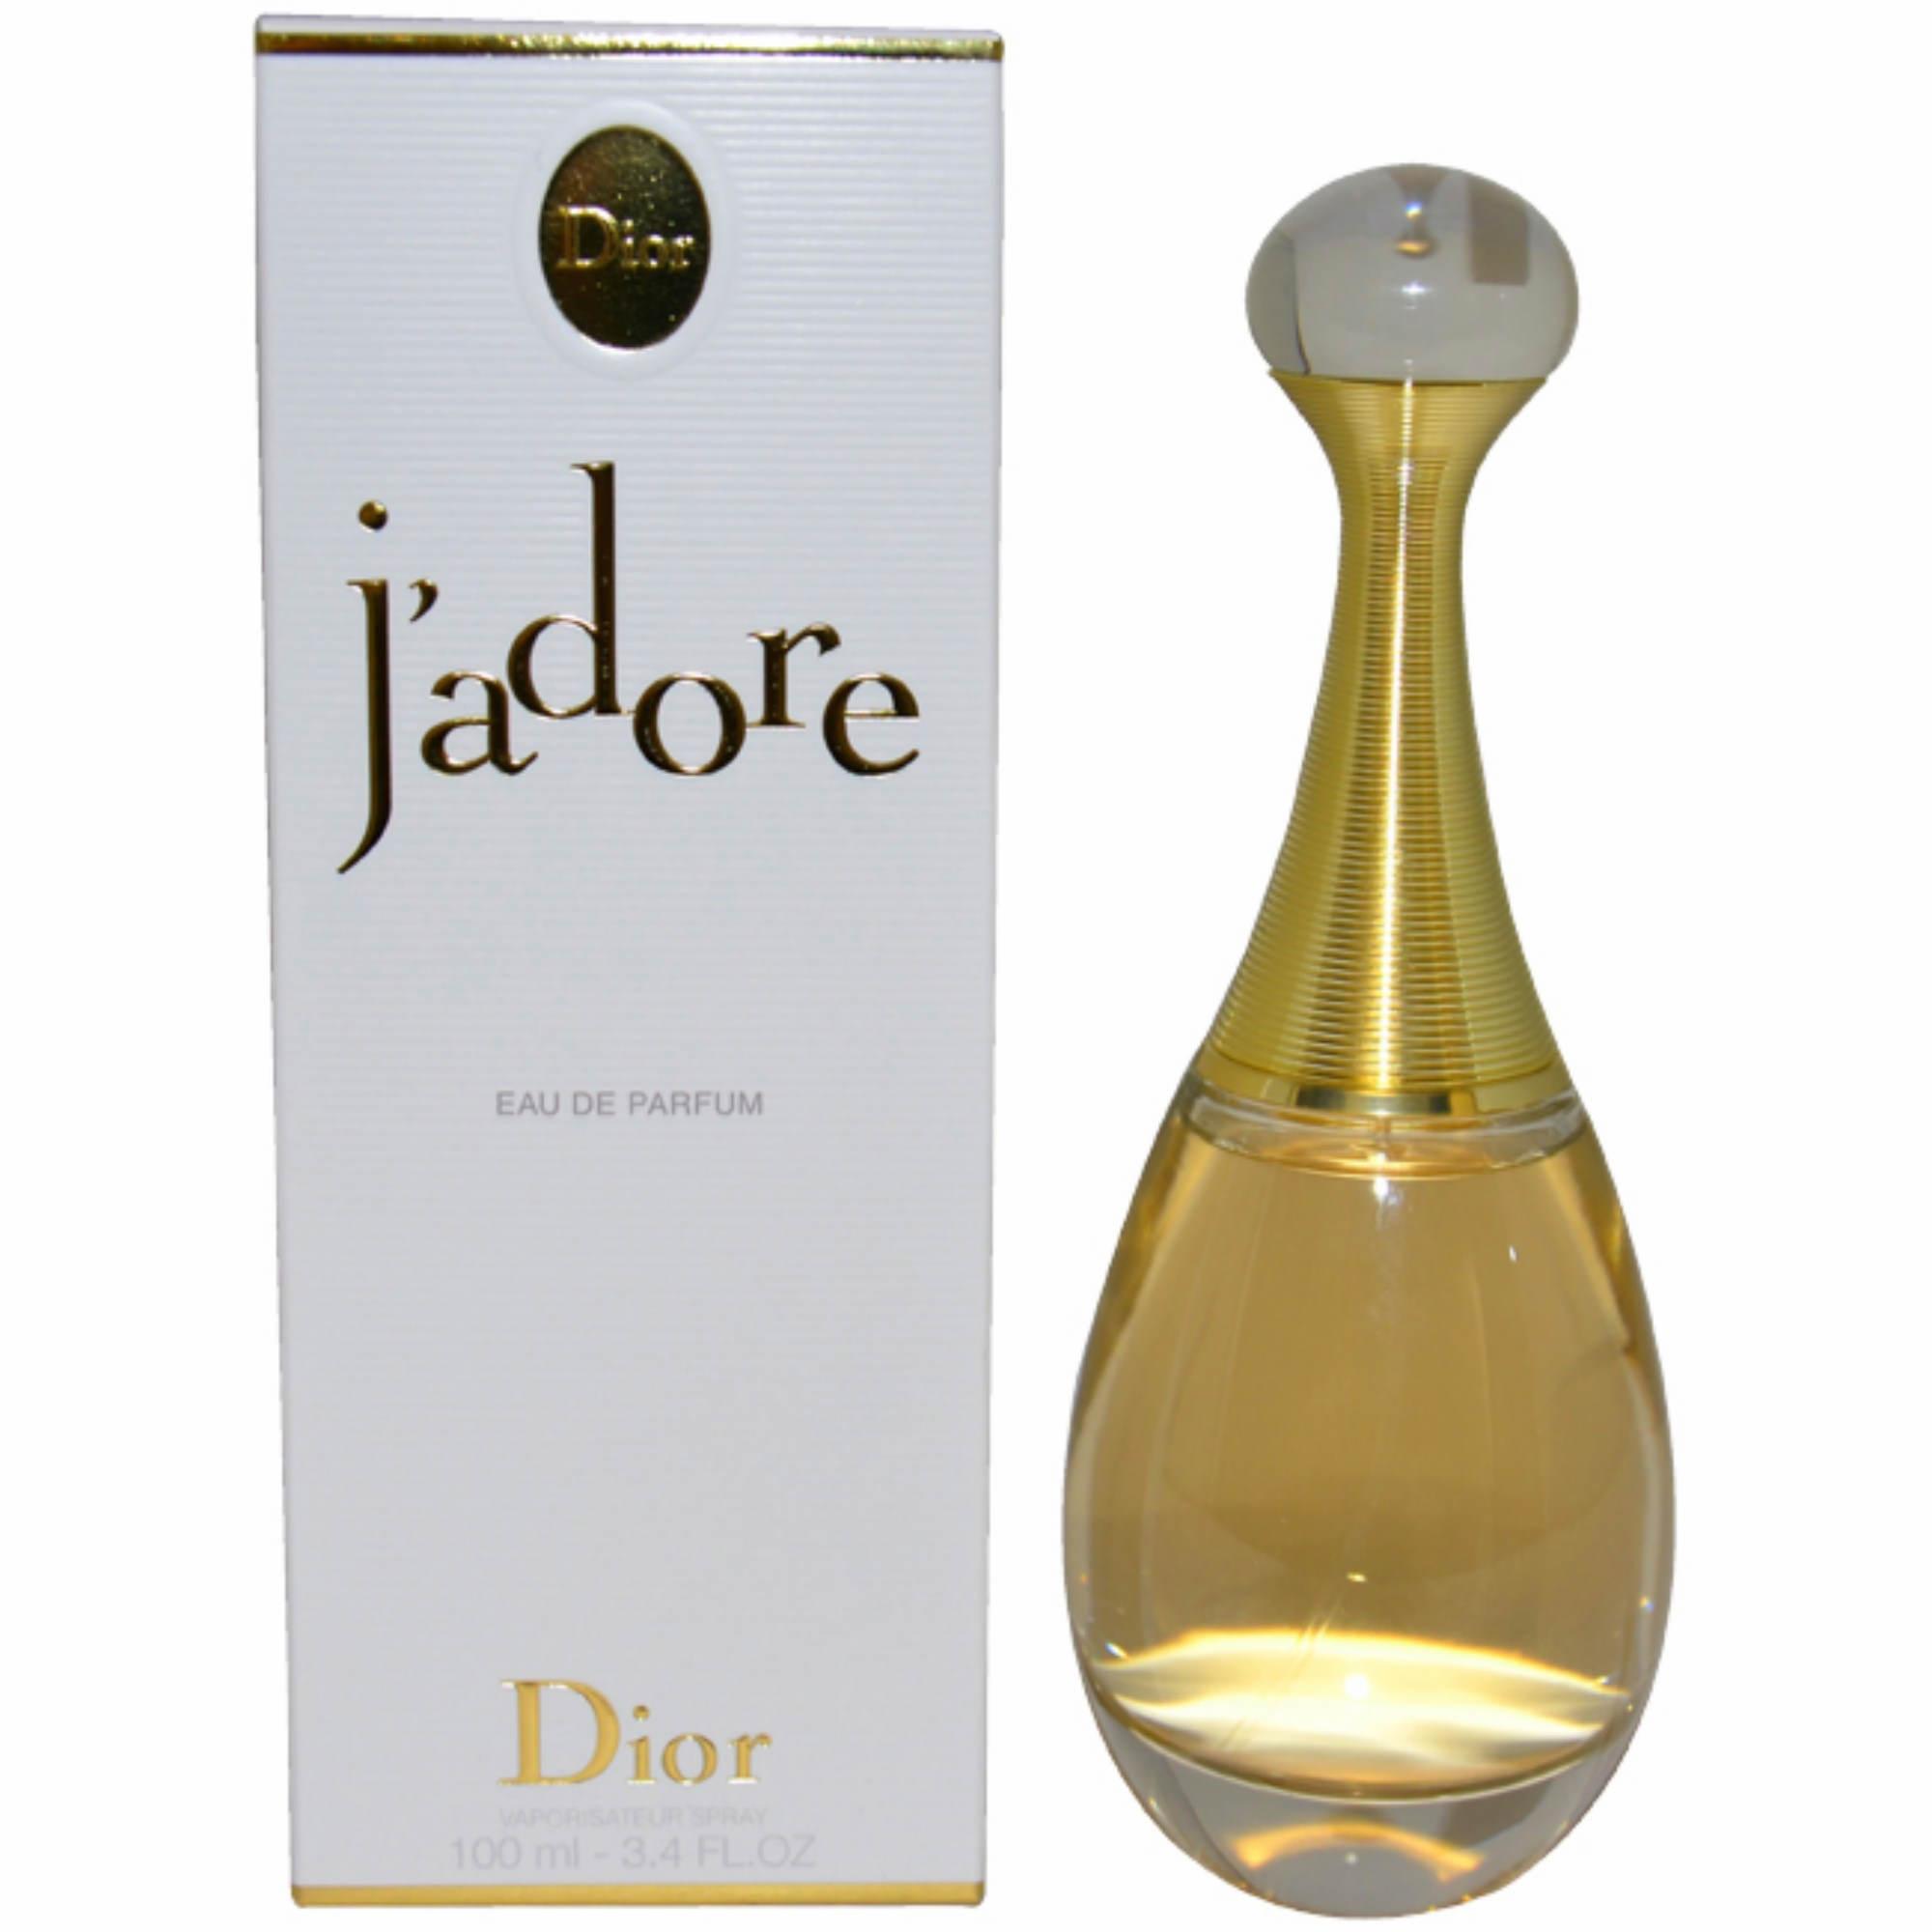 9c72a81a6a8 Christian Dior J adore Eau De Perfume Spray